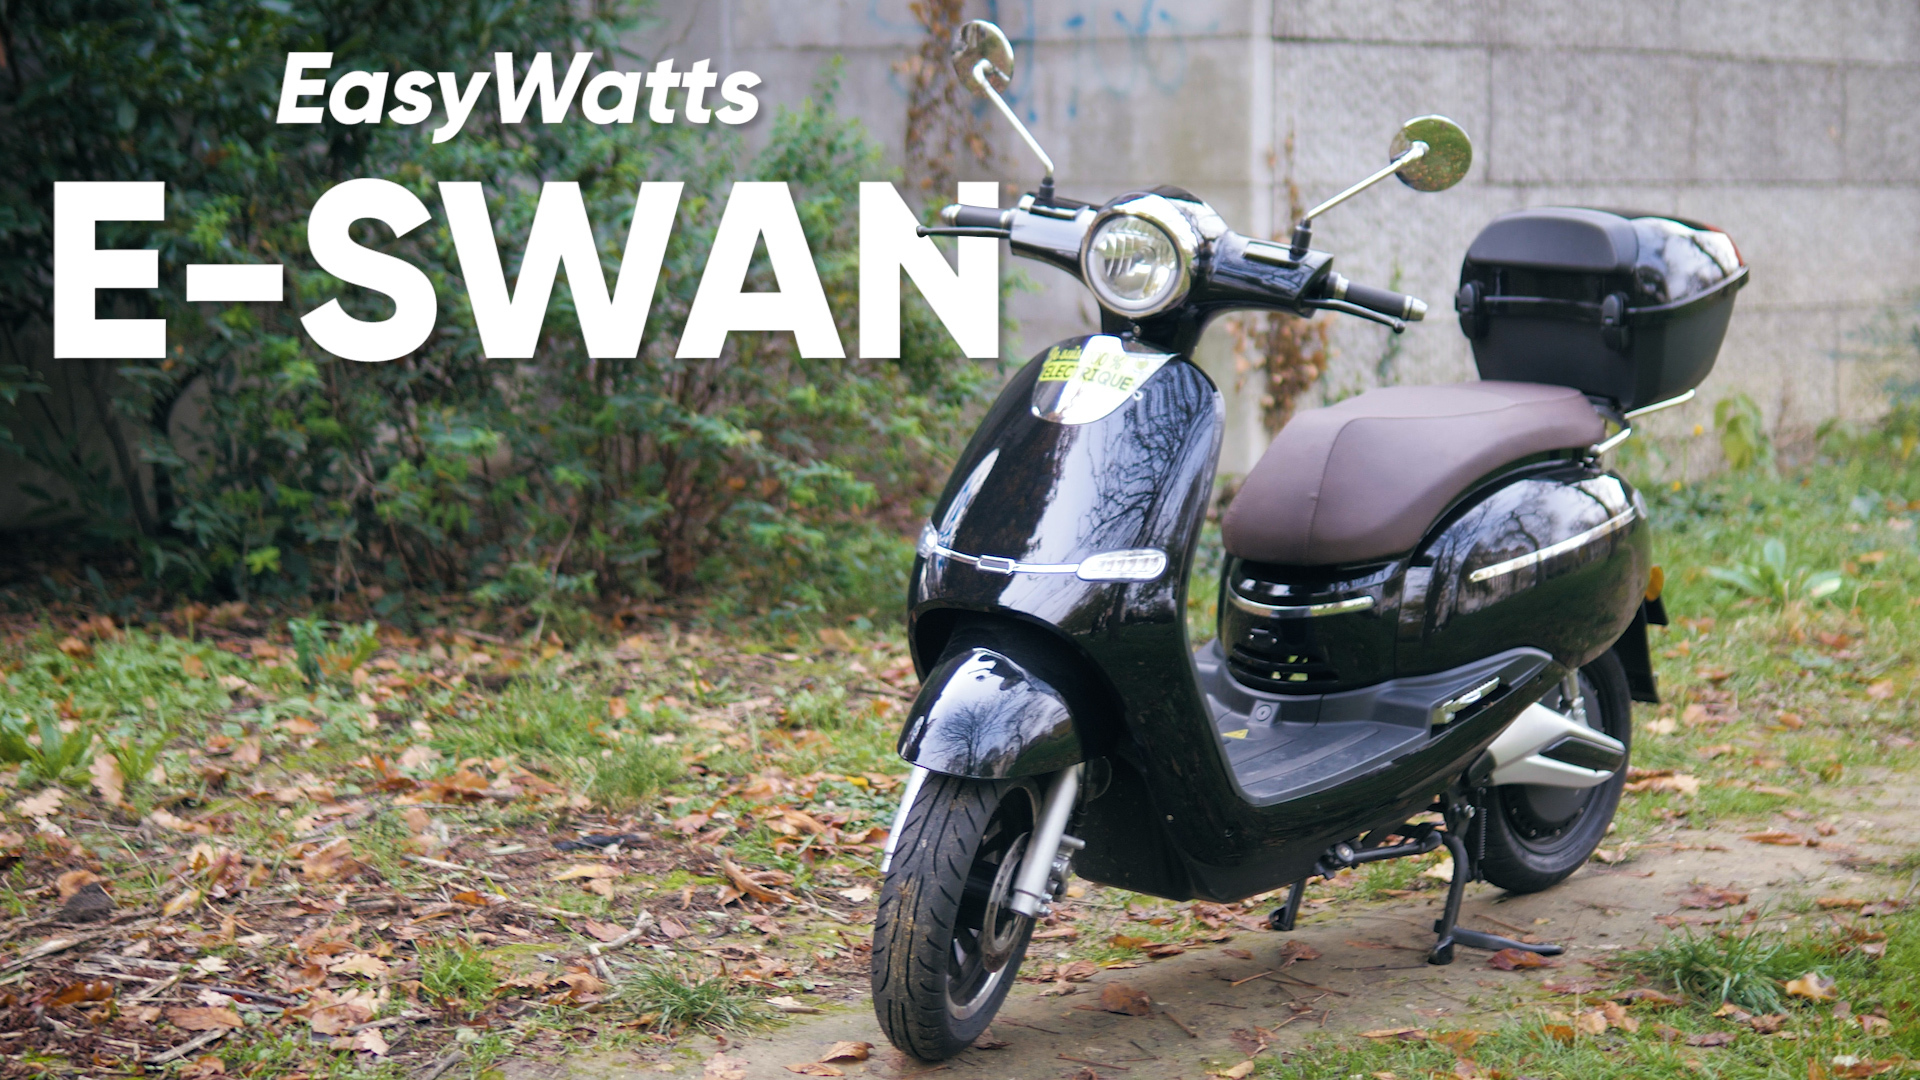 Test du e-swan : le bon scooter électrique pour débutants